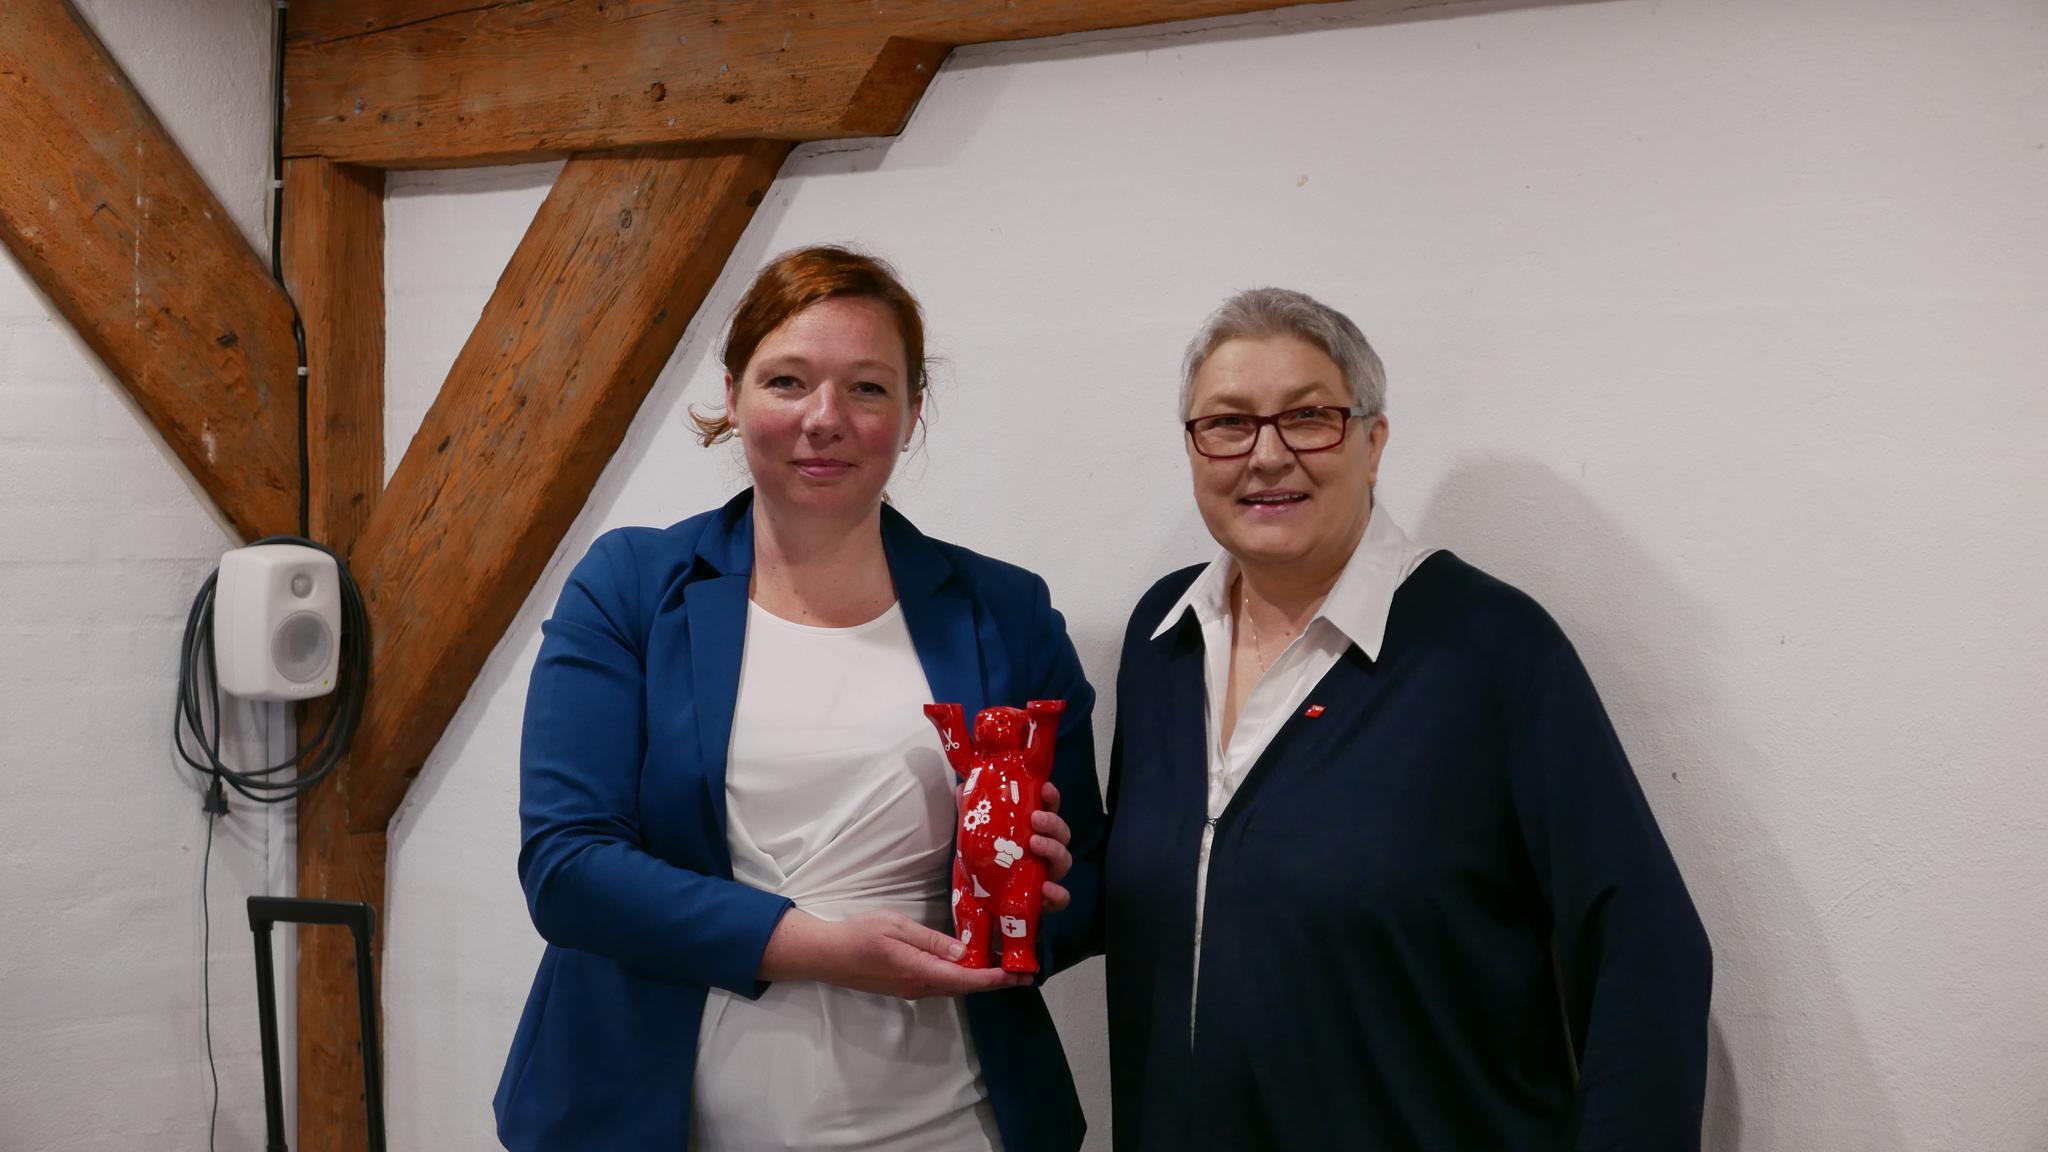 Elke Hannack und Lone Skak-Nørskov, Botschaftsrätin für Digitalisierung